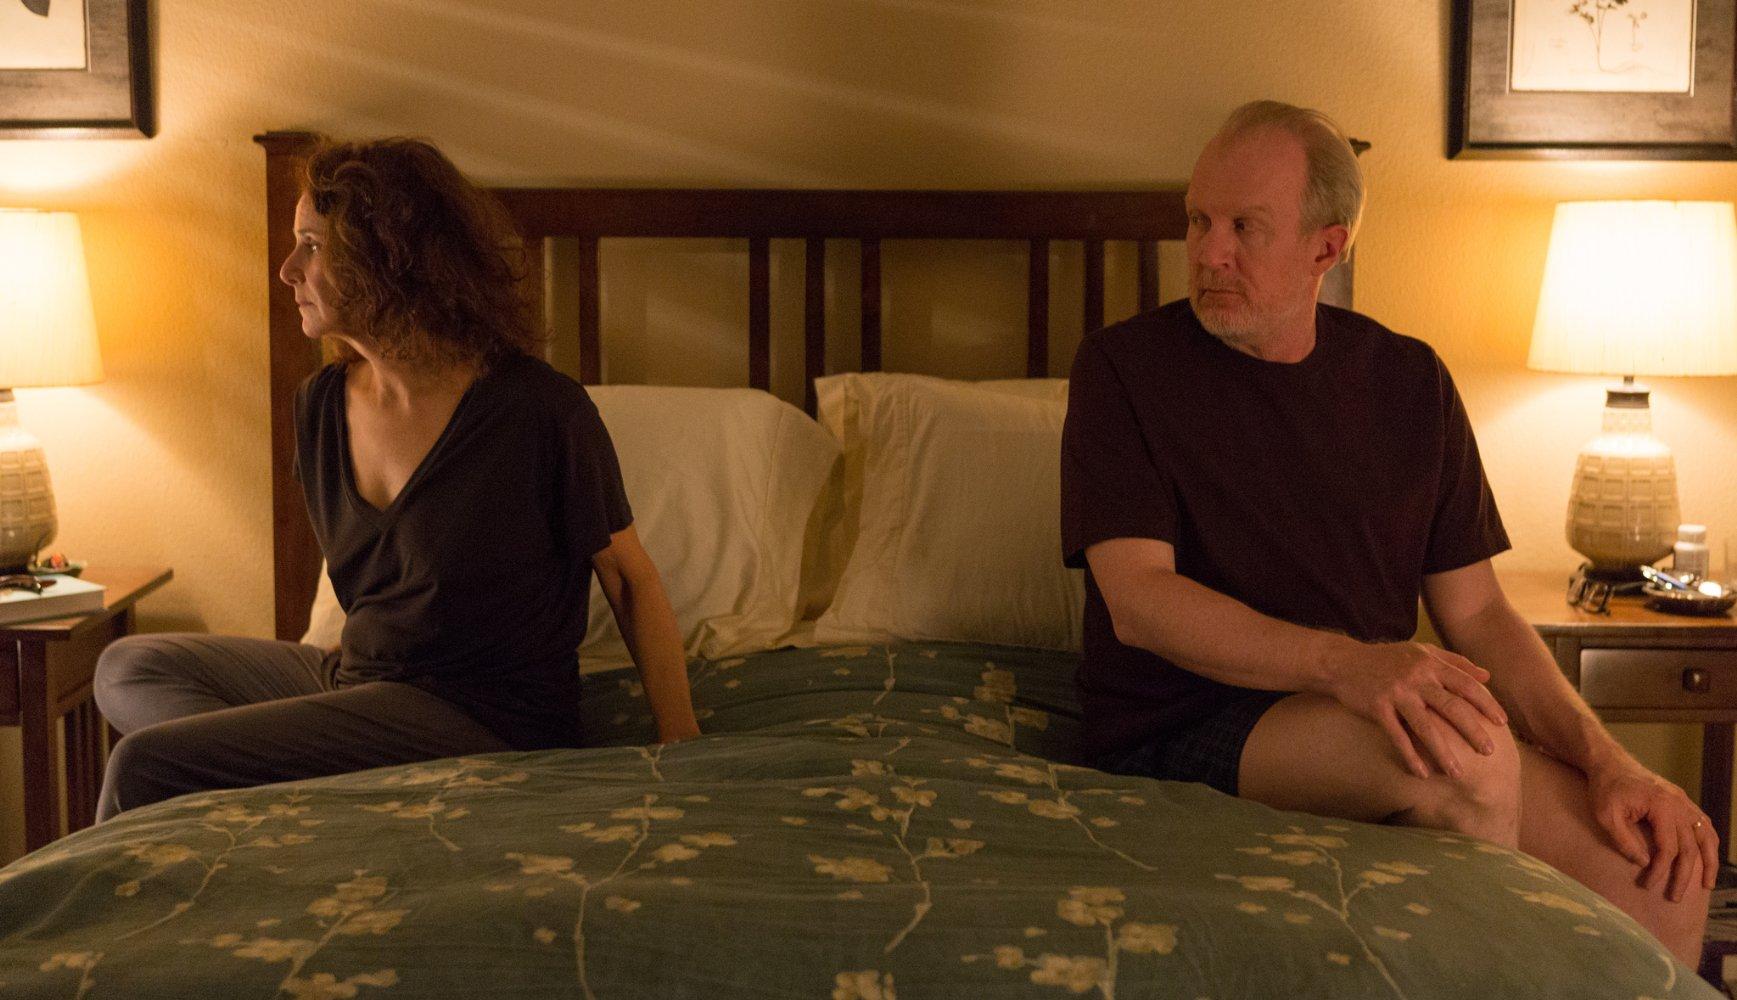 Фильм где жена изменяет мужу онлайн — photo 8